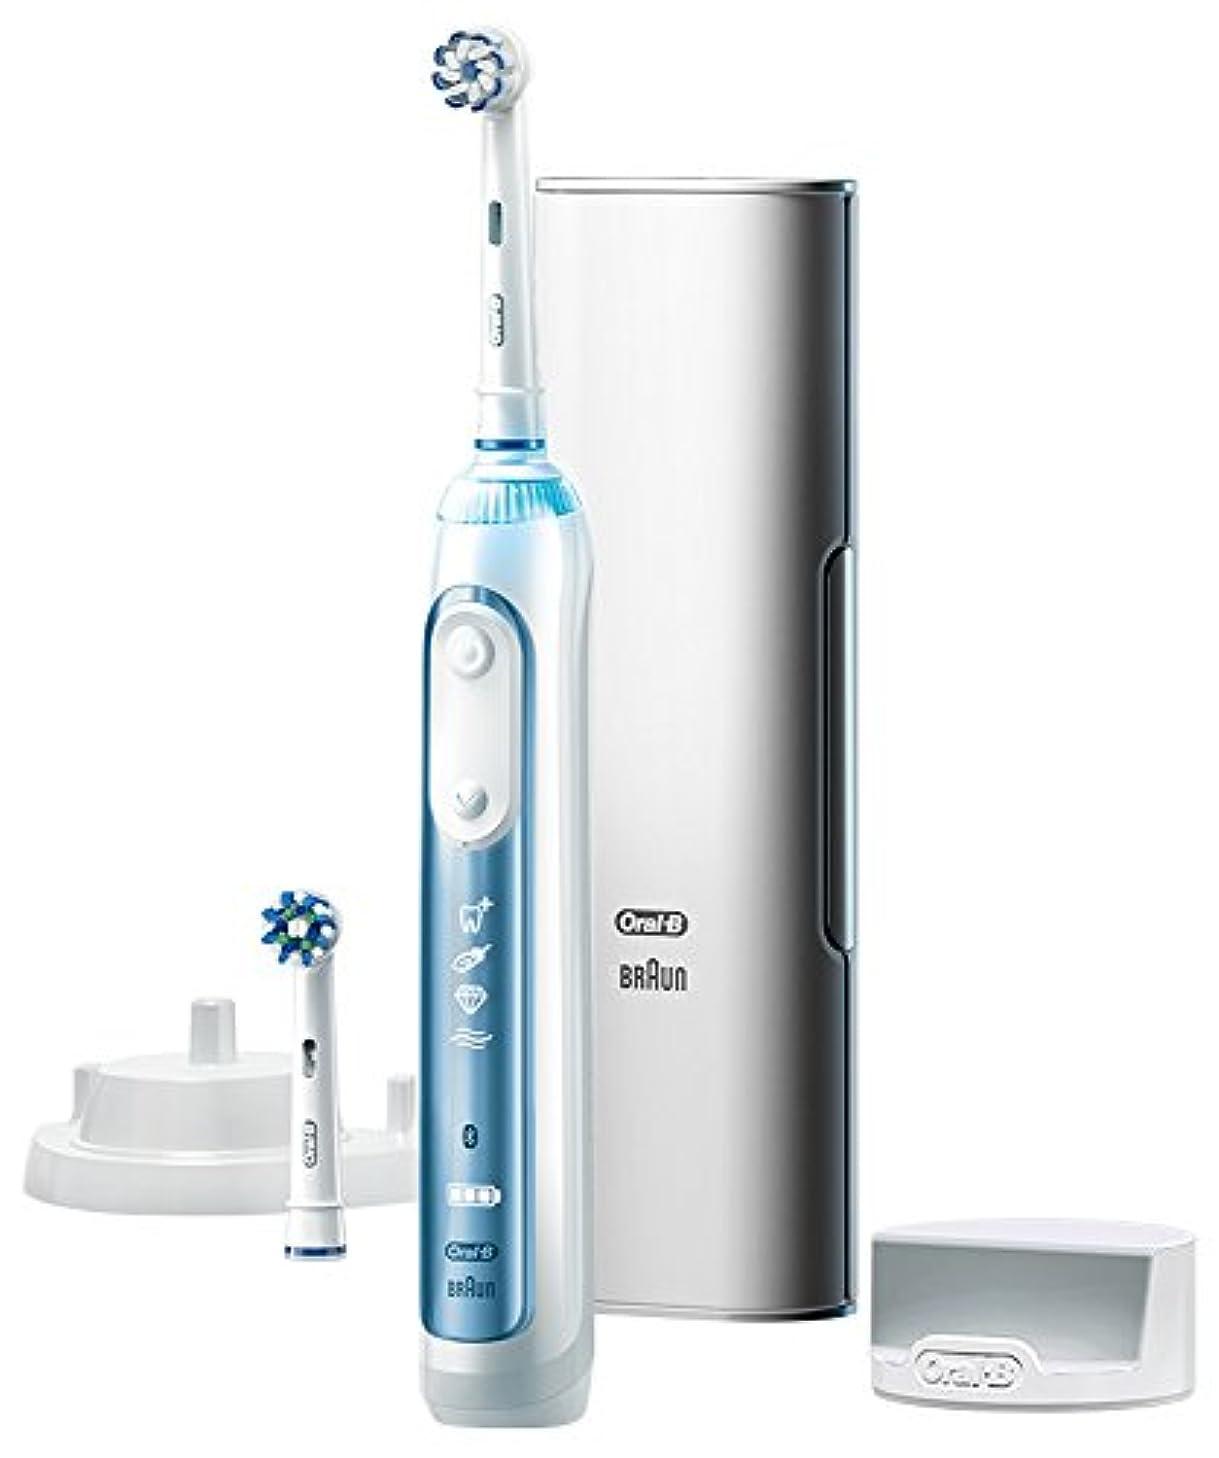 腐敗した器官イベントブラウン オーラルB 電動歯ブラシ スマート7000 D7005245XP D7005245XP